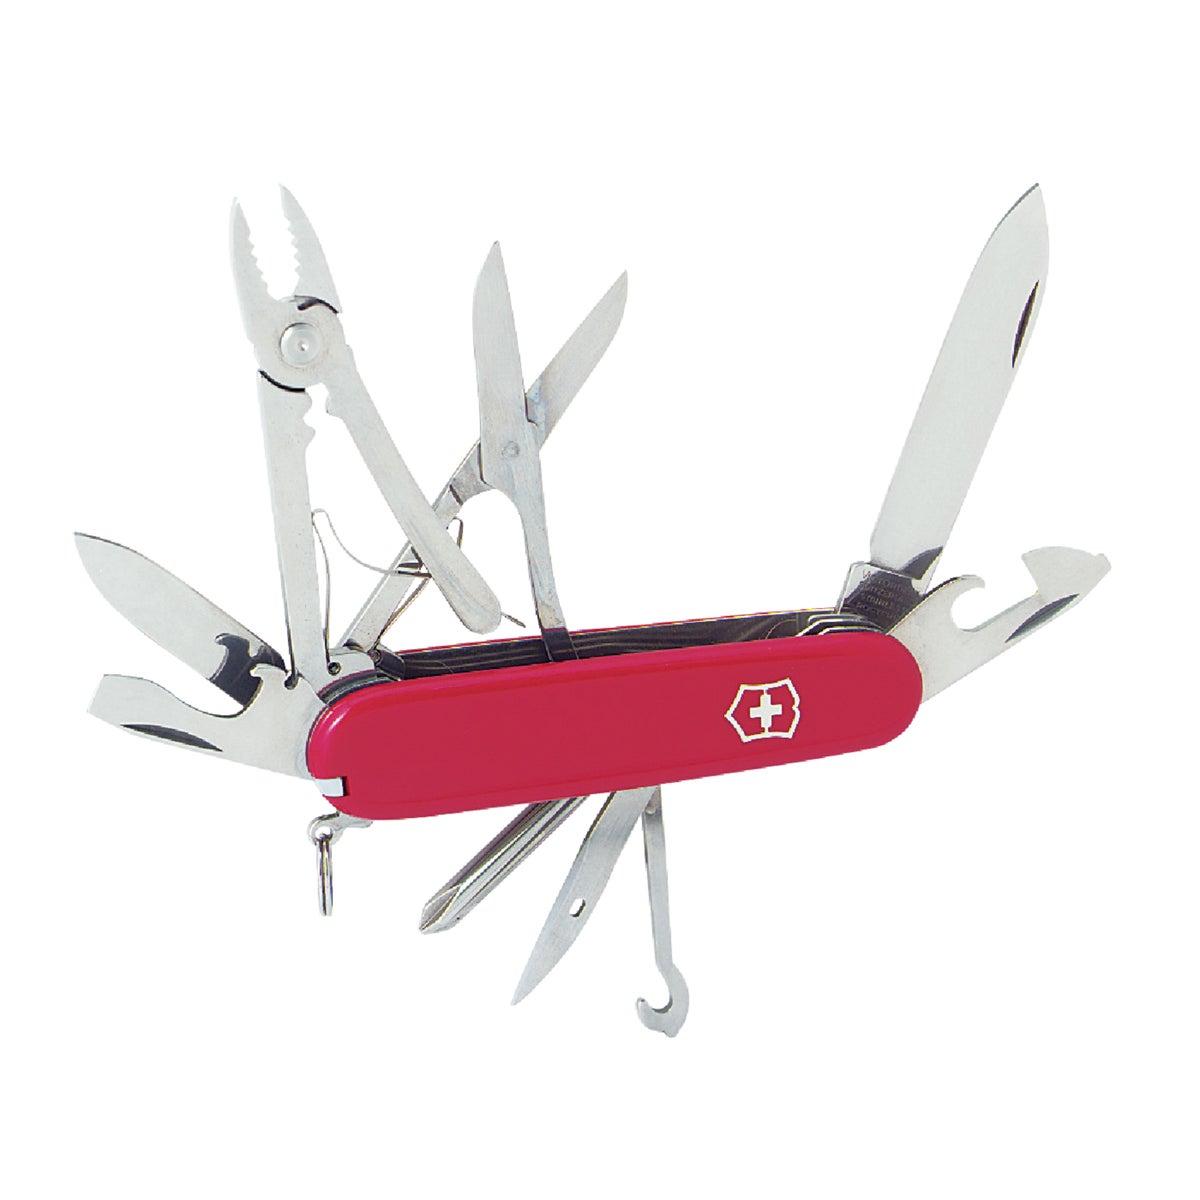 DELUXE TINKER KNIFE